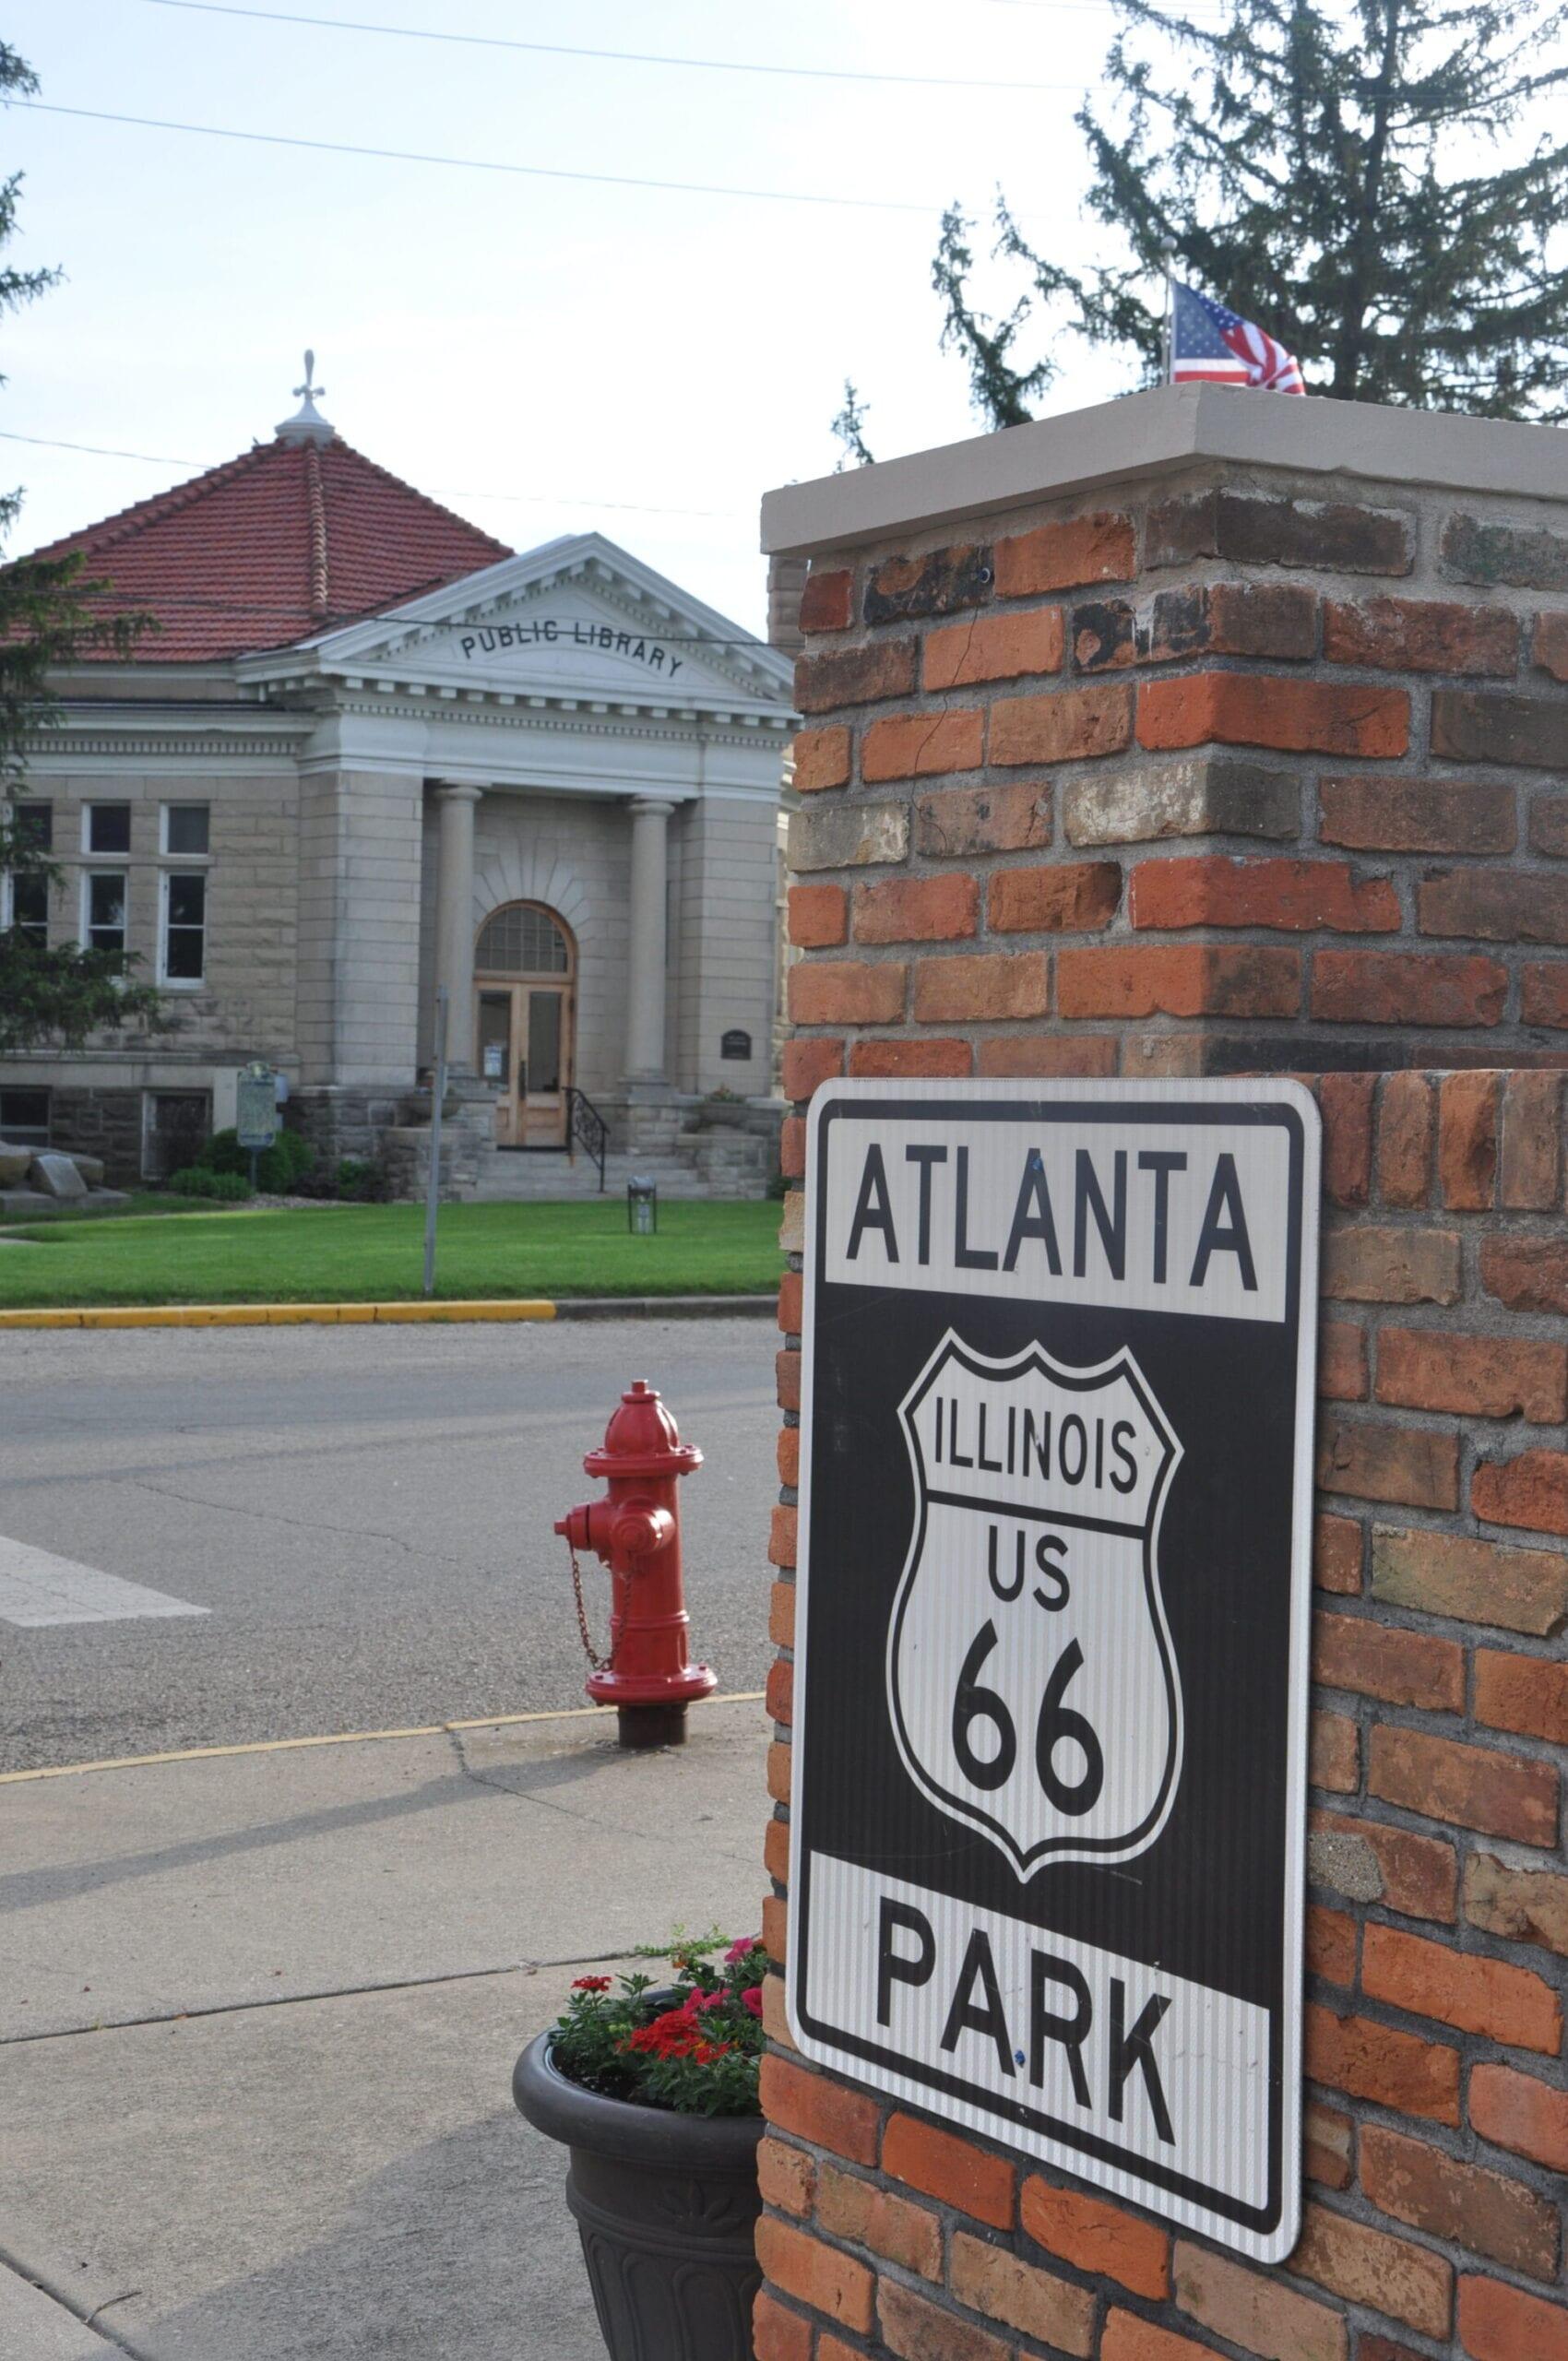 Atlanta Illinois Route 66